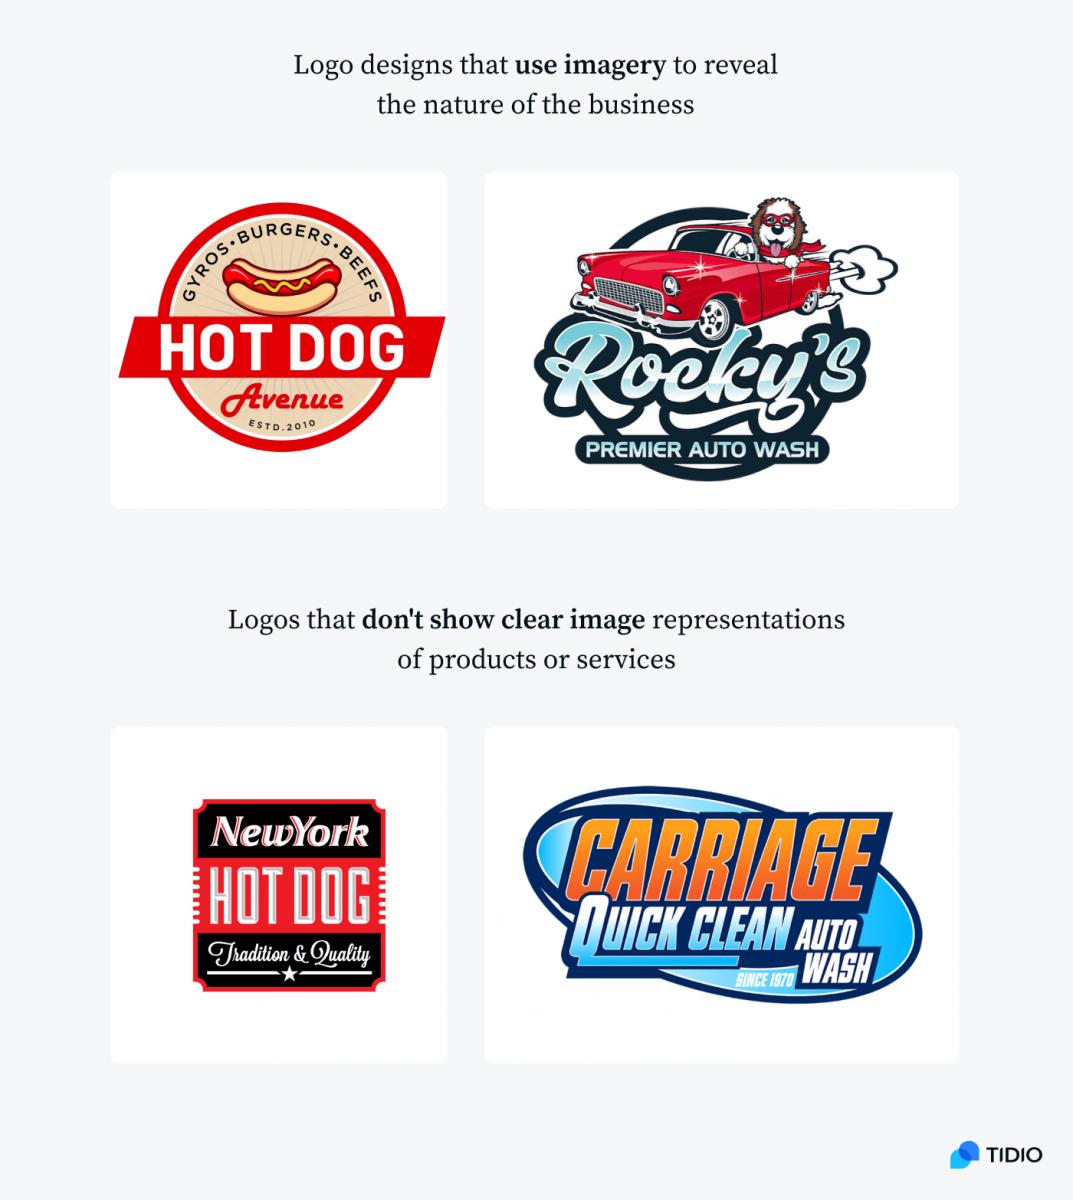 Types of logos